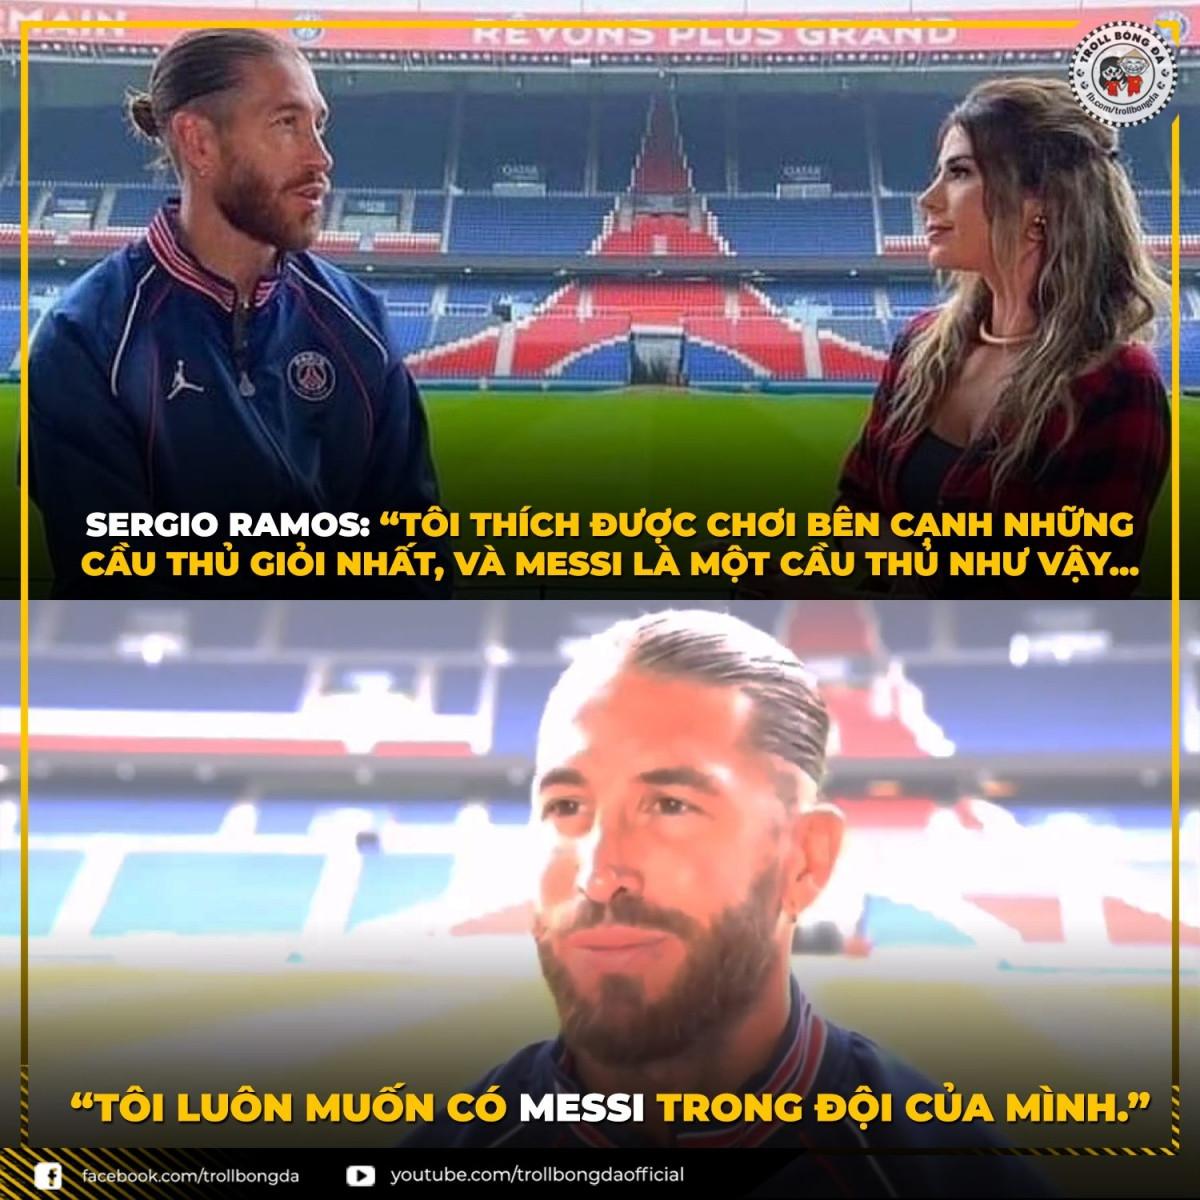 Sergio Ramos khao khát thi đấu cùng Messi (Ảnh: Troll bóng đá).